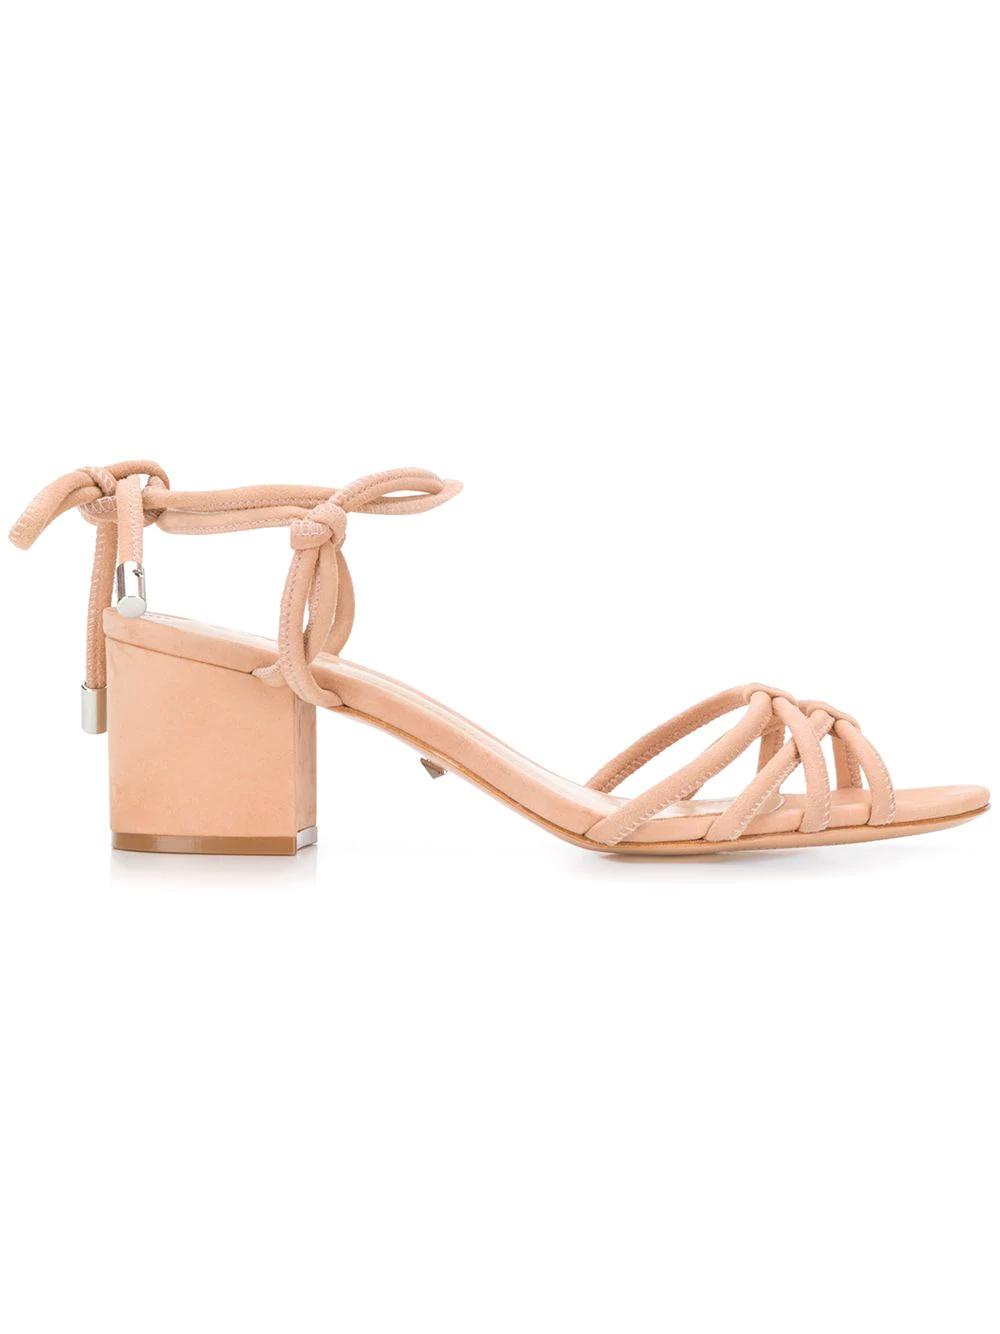 e4f9d92aad1 Schutz Lace-Up Block Heel Sandals - Neutrals